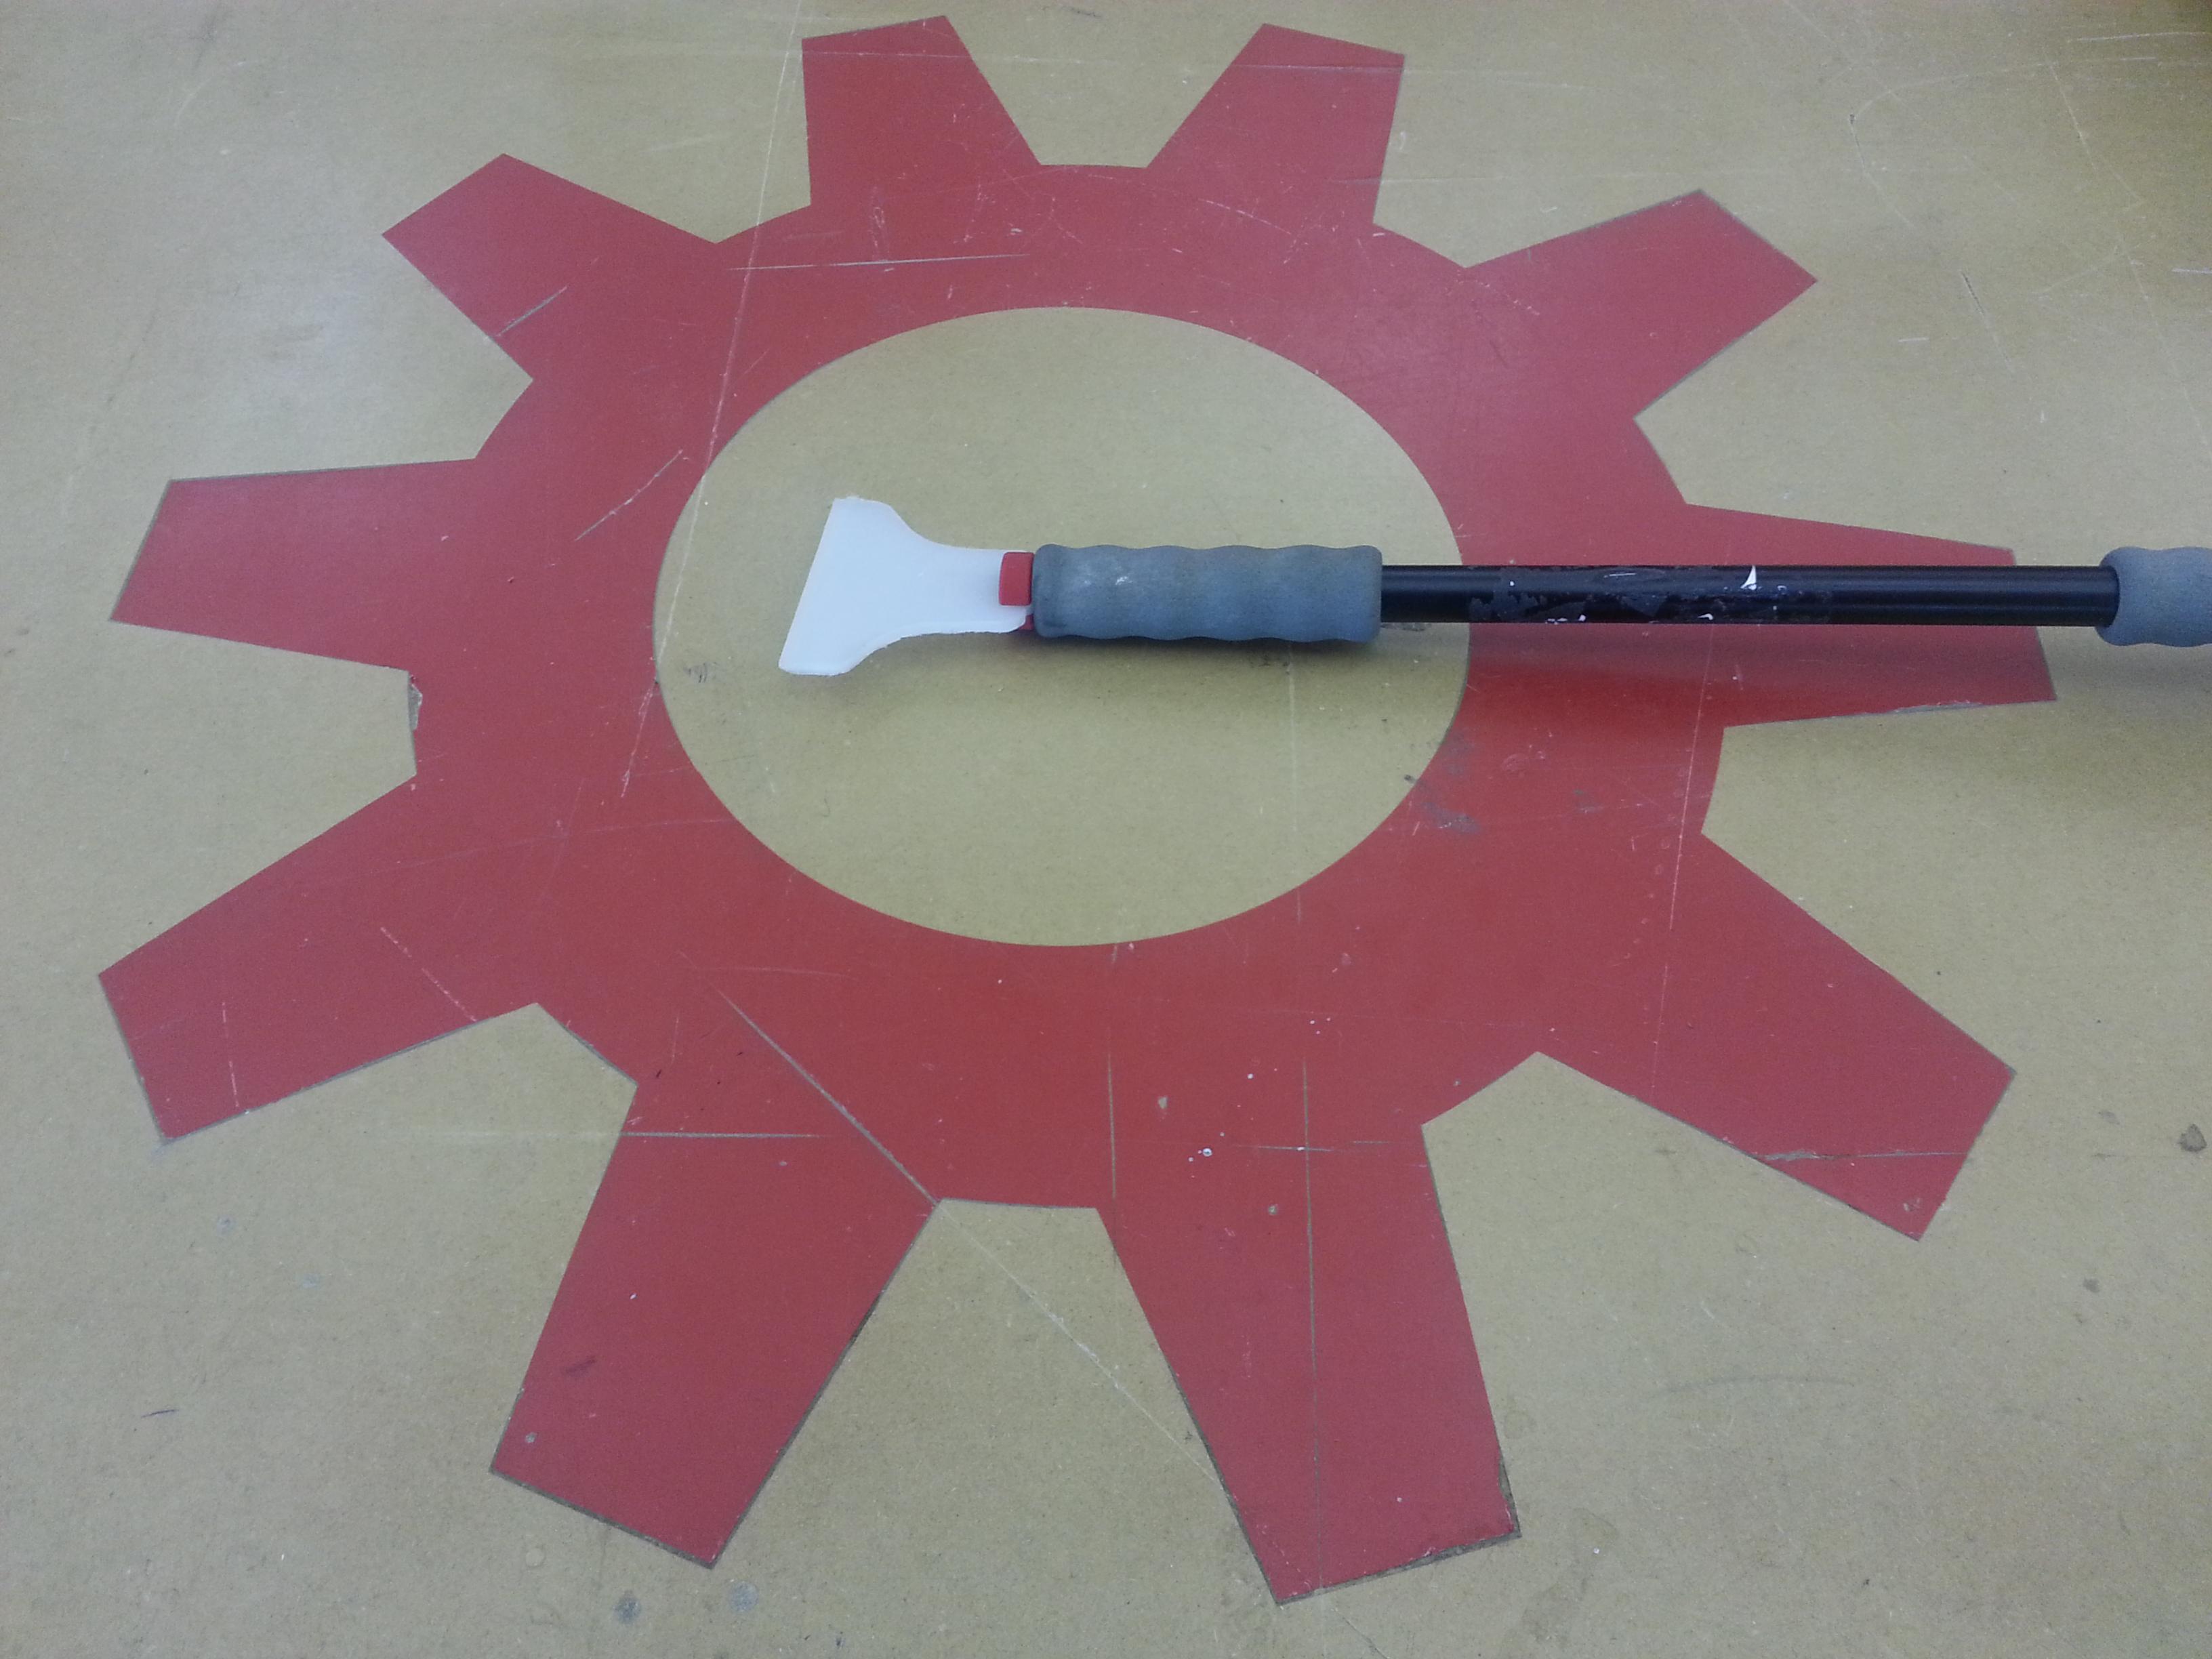 Tool Repair: Repairing Glass Ice Scraper and Design Improvement